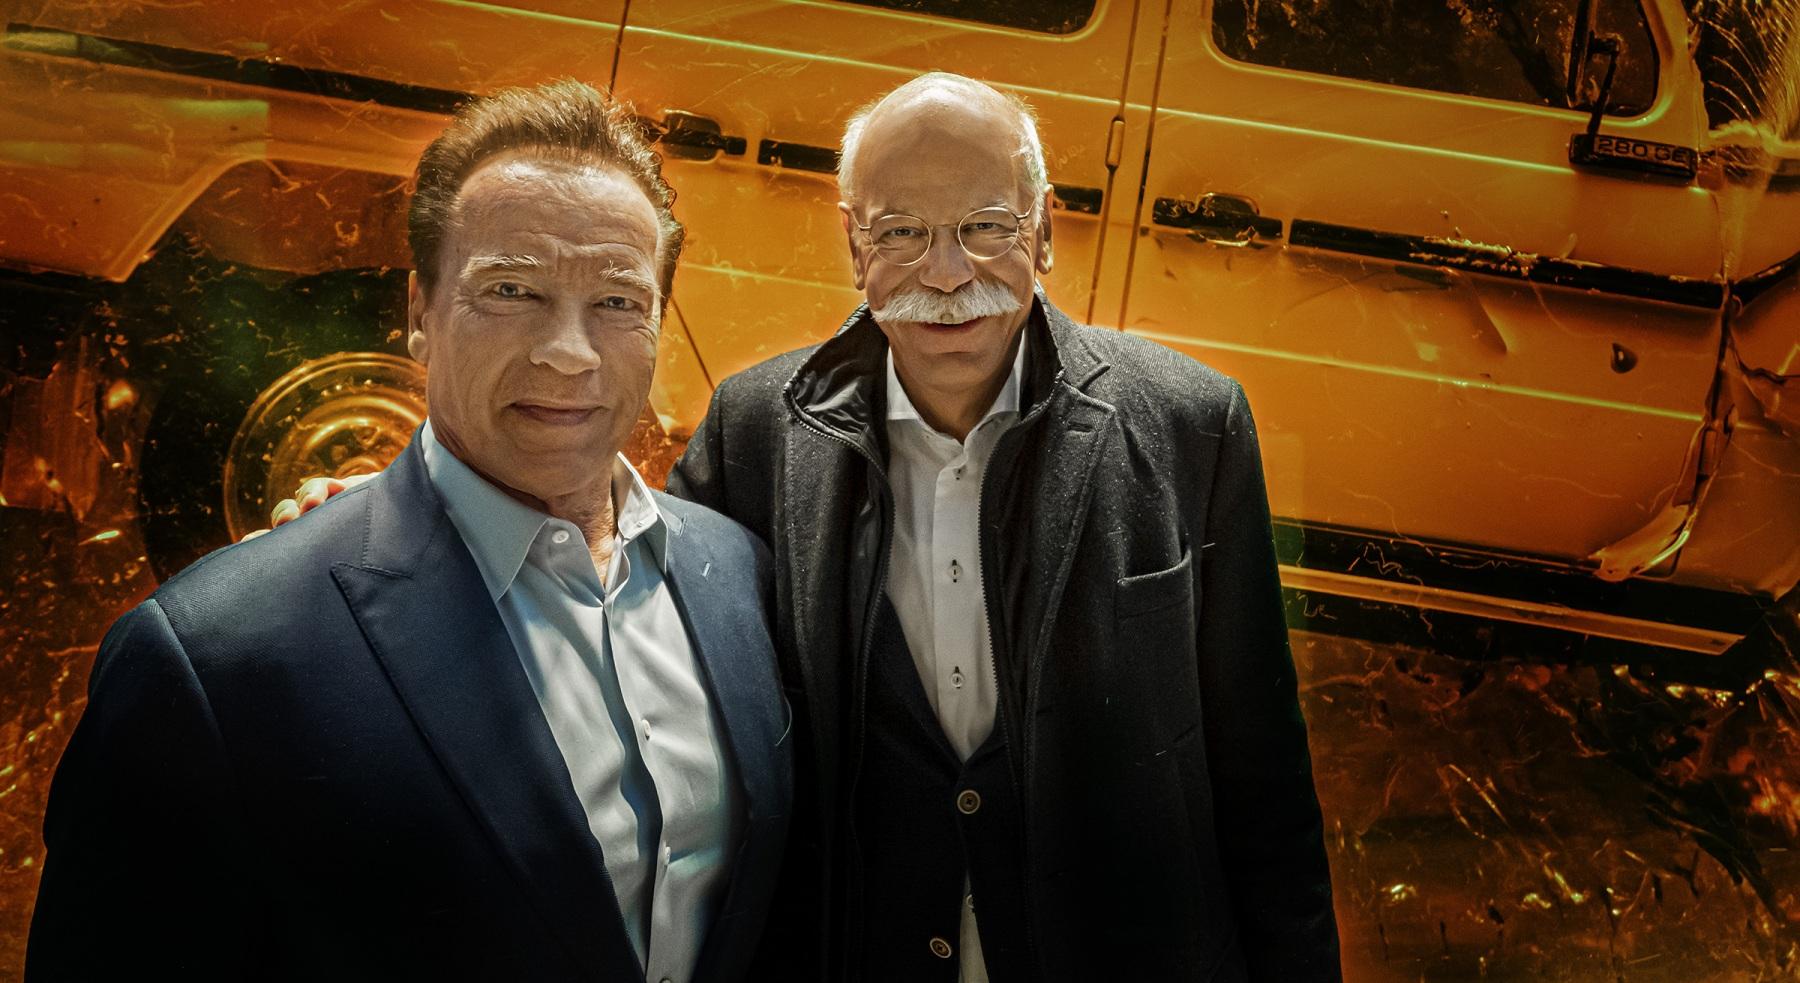 Arnold_Schwarzenegger_Dieter_Zetsche_20180115-_XTB5913-v3